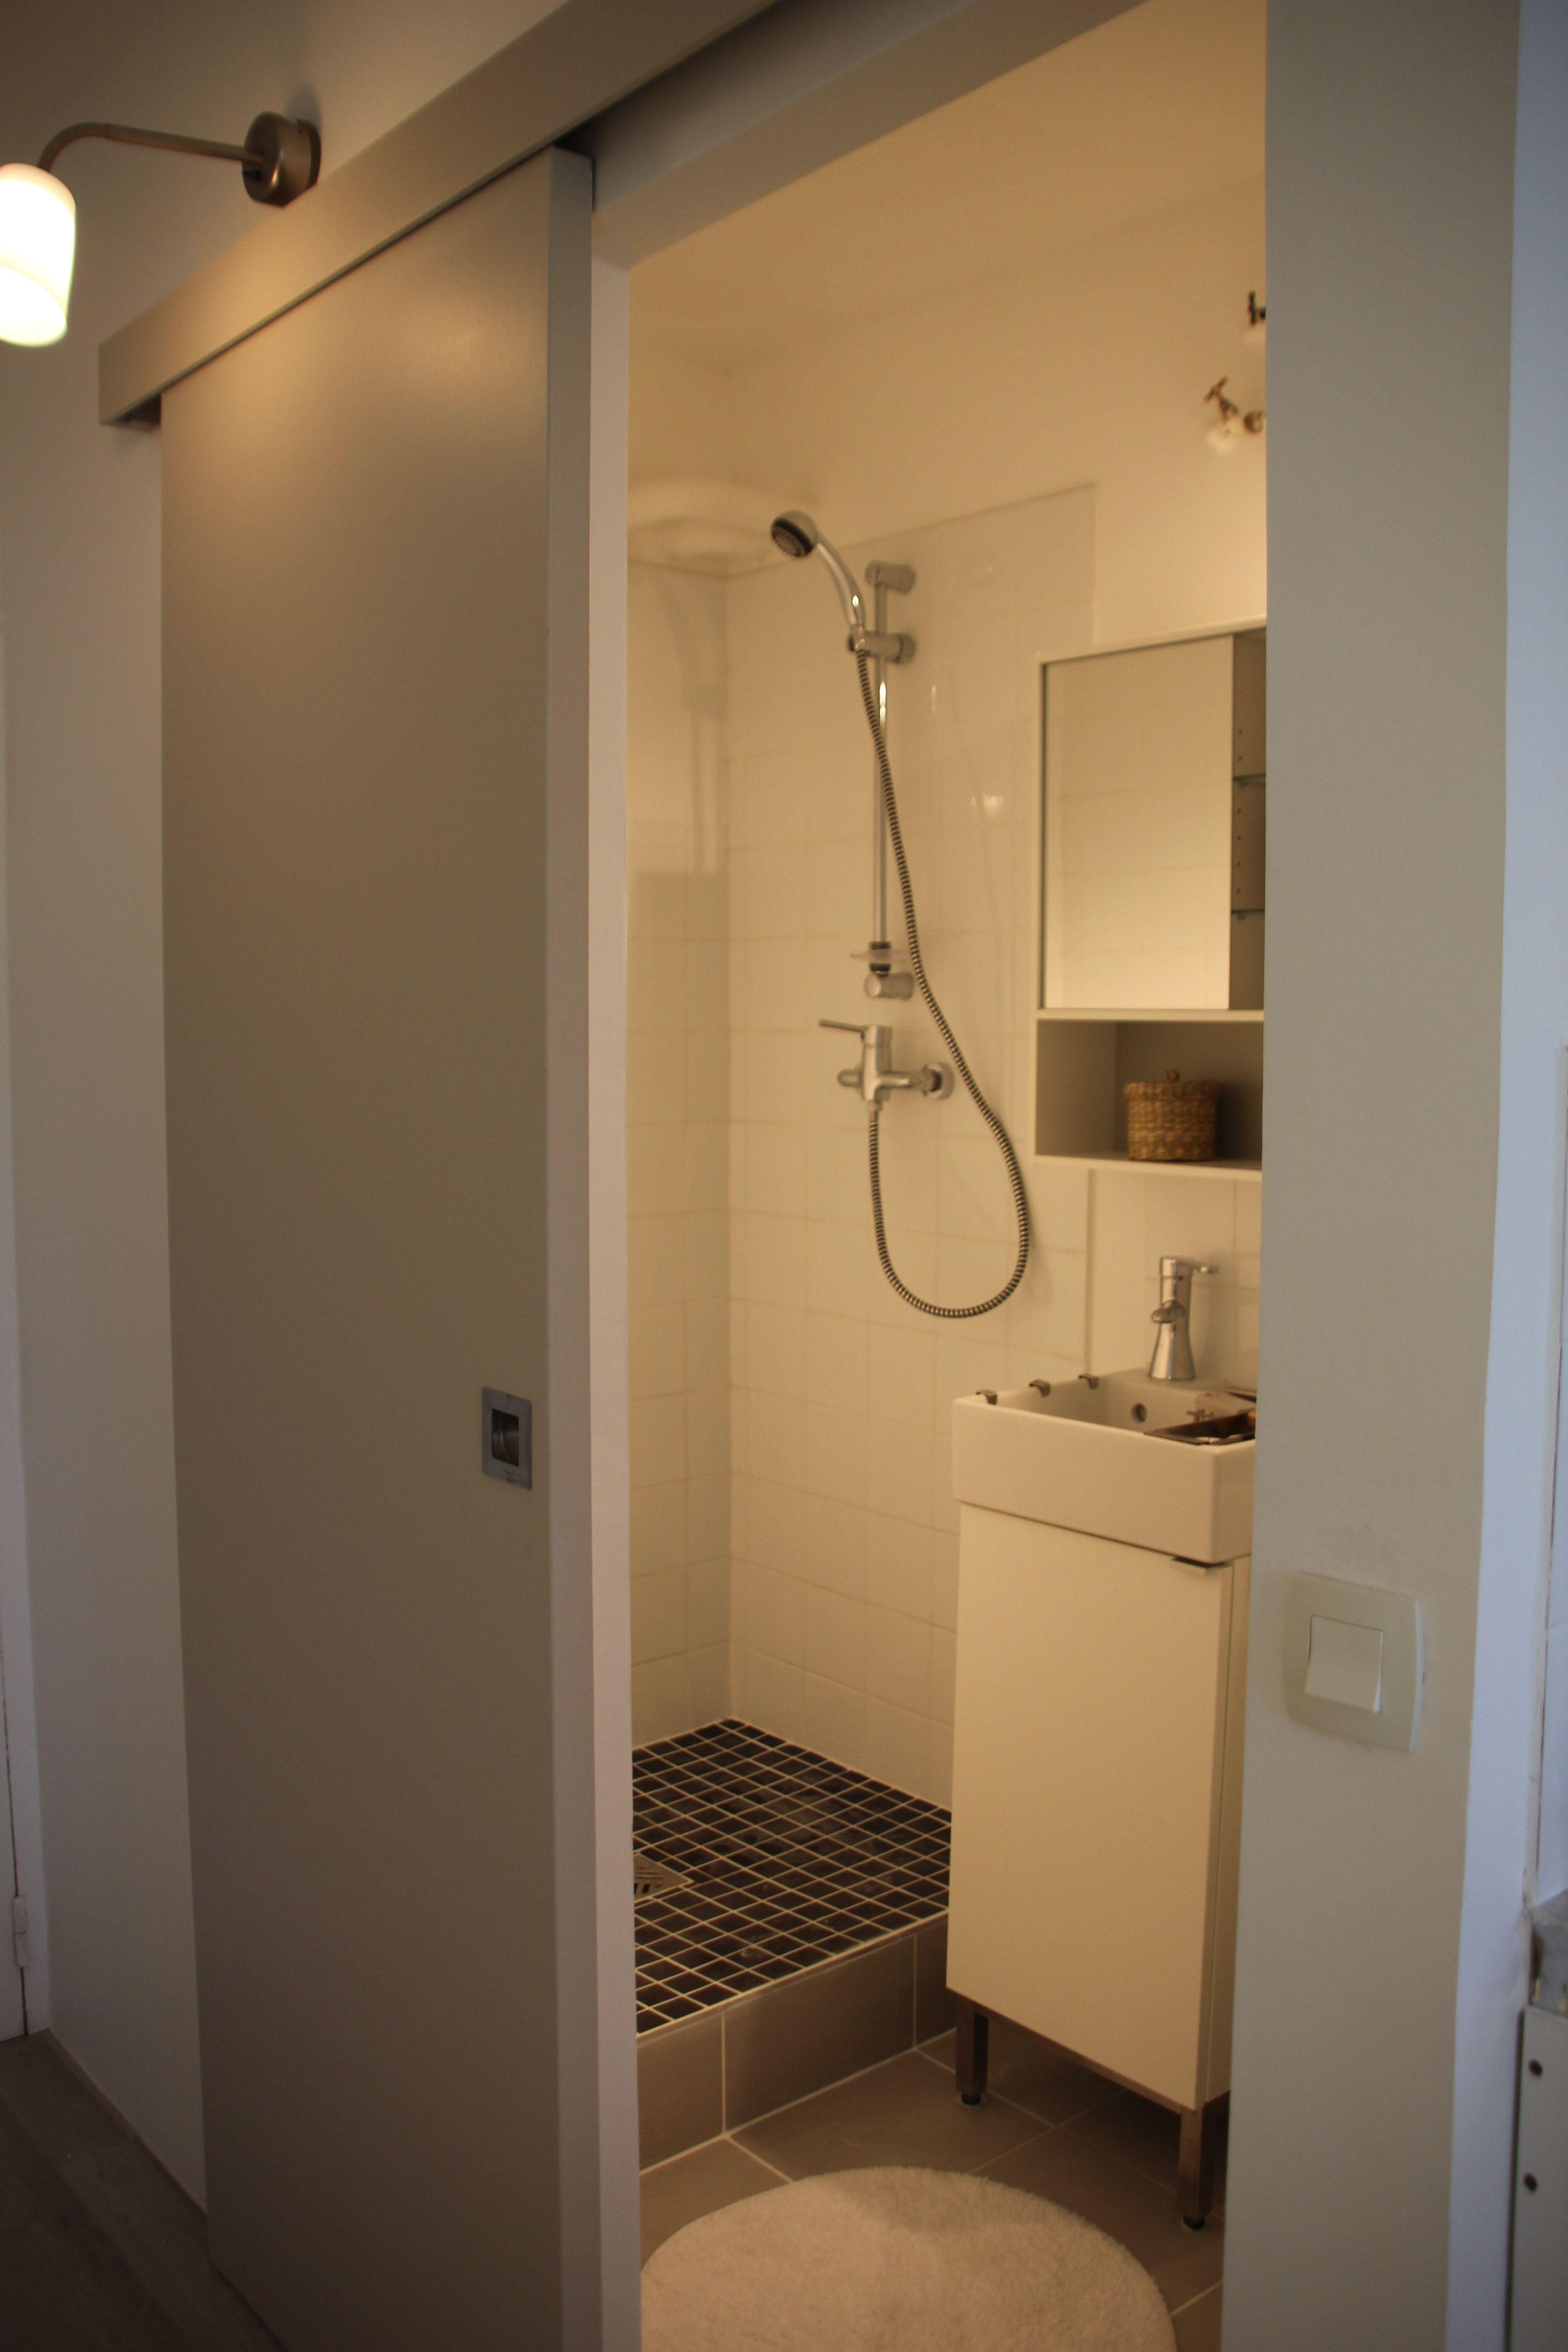 Porte coulissante salle de bain fermeture claire for Porte coulissante wc